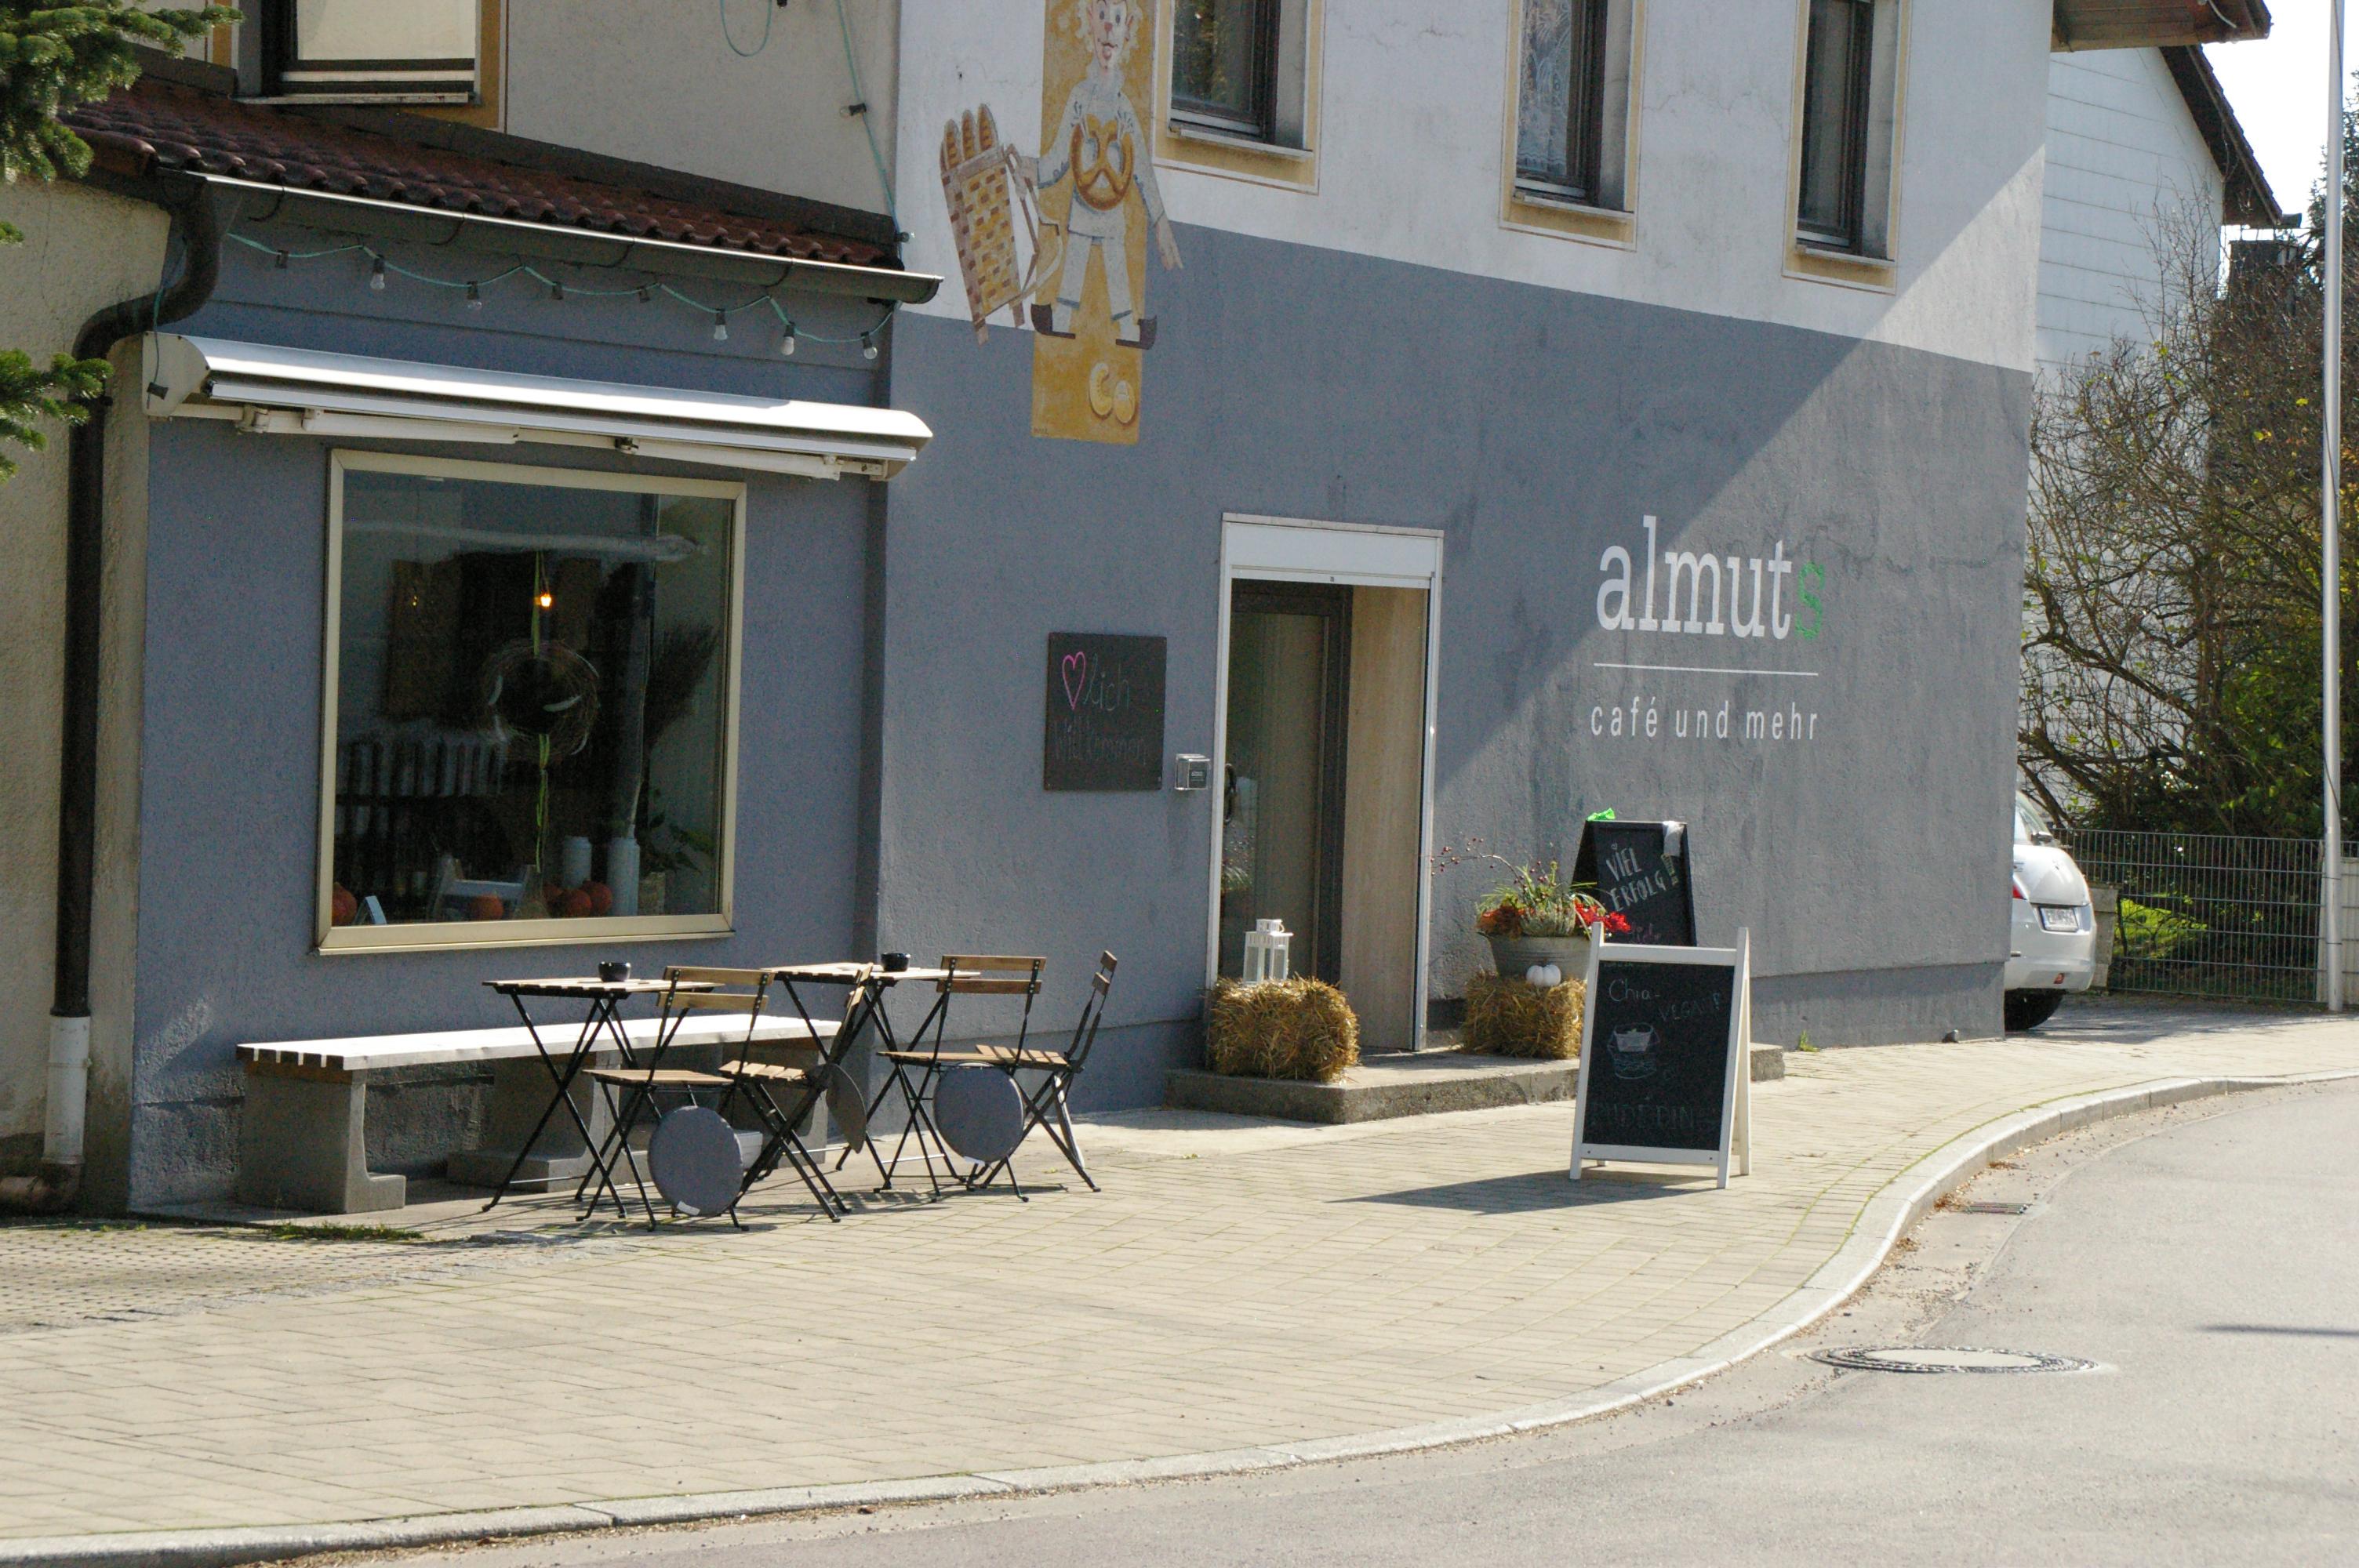 almuts caf und mehr in pastetten branchenbuch deutschland. Black Bedroom Furniture Sets. Home Design Ideas